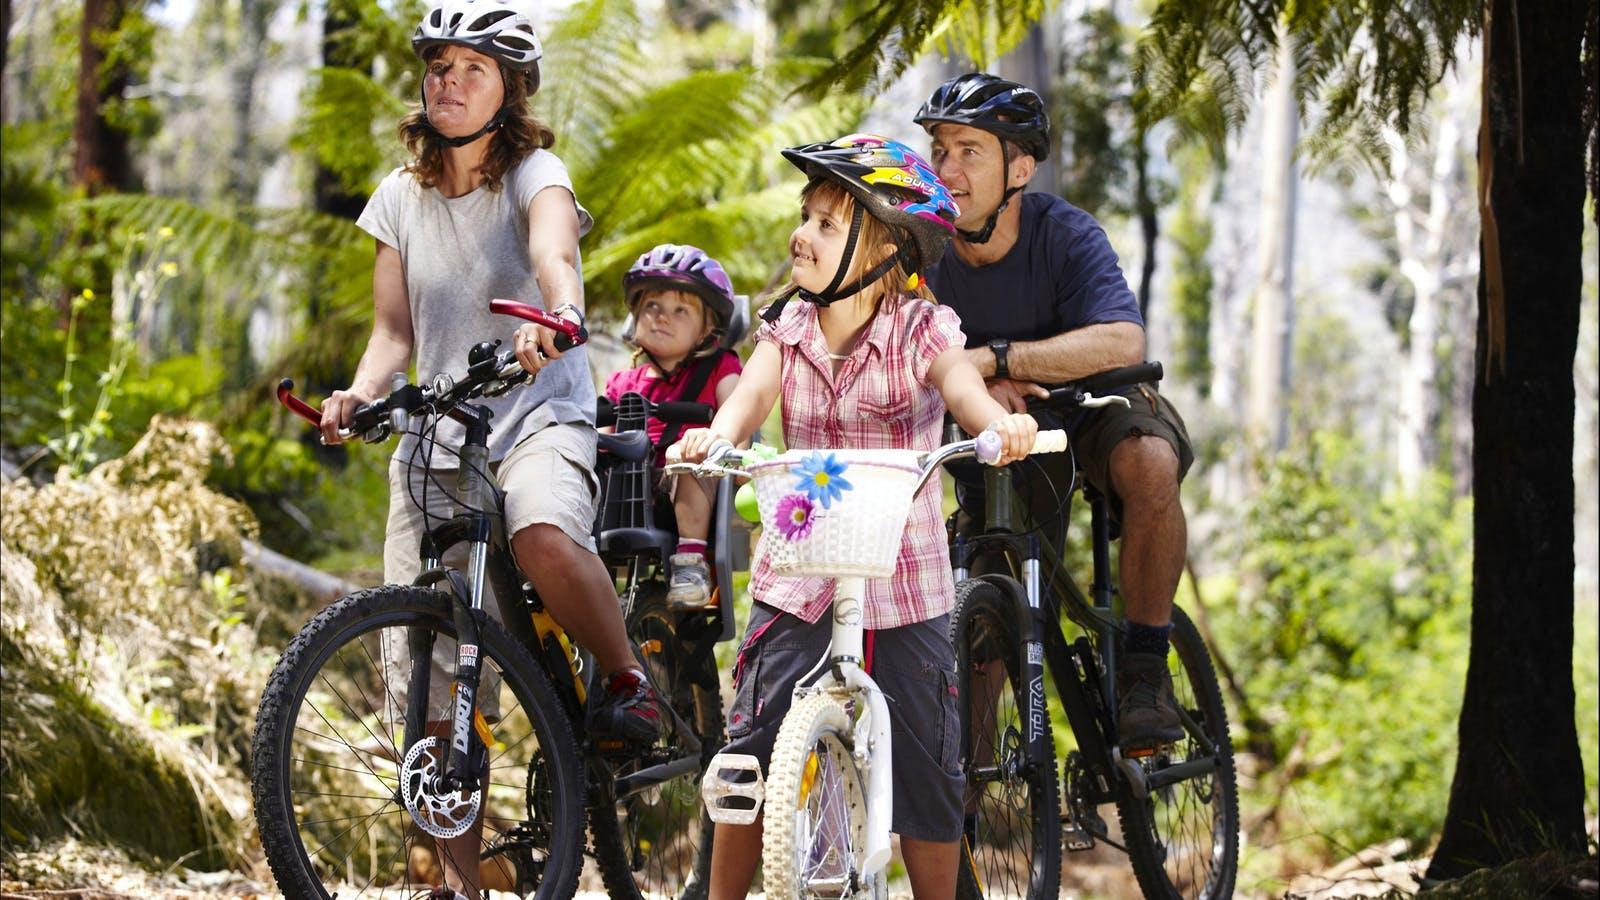 family of four enjoying bike riding in a bush setting